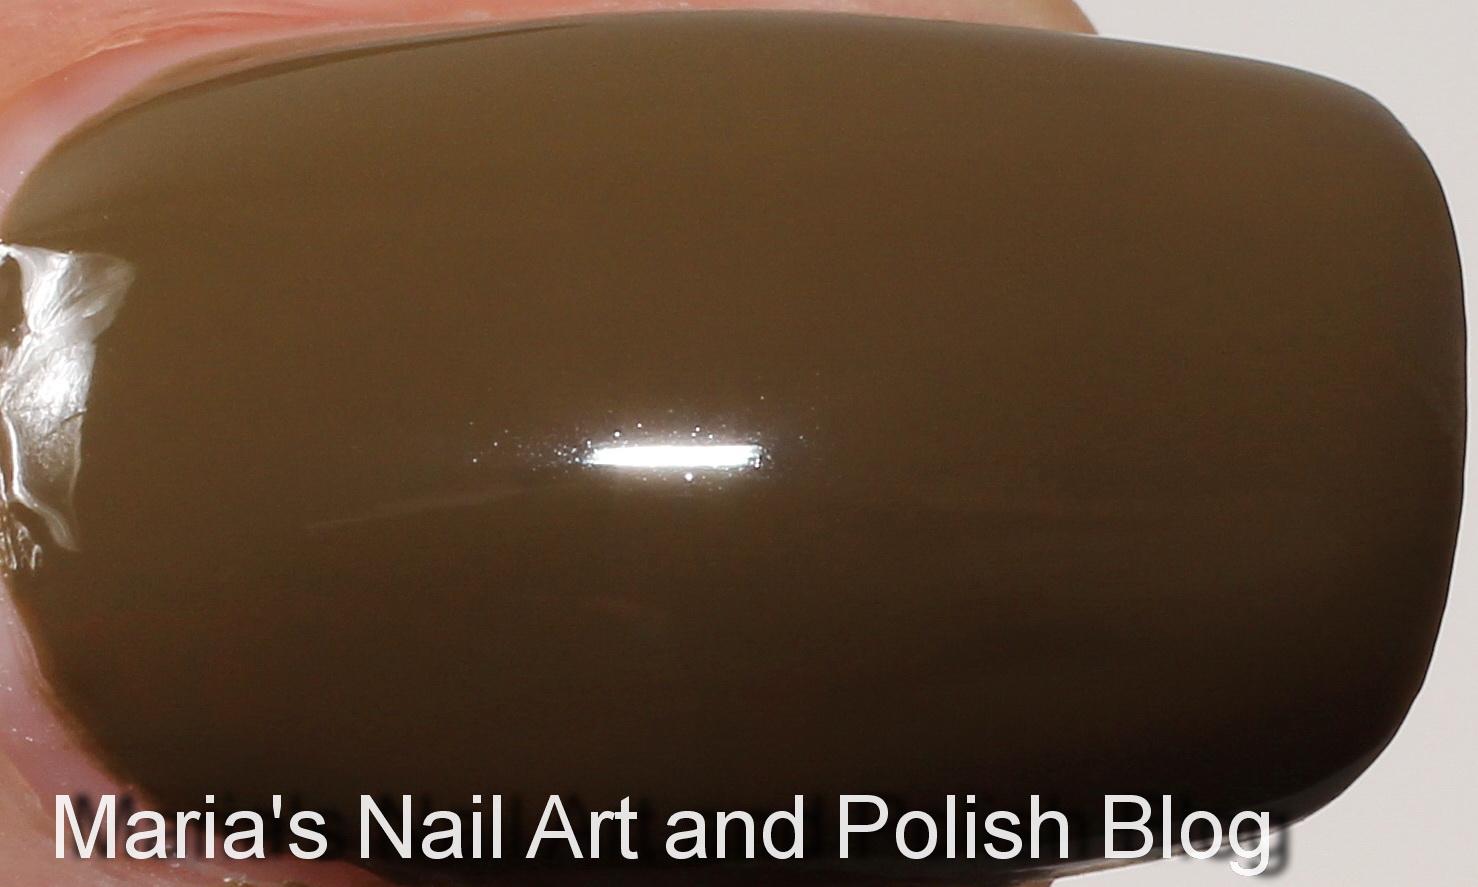 Marias Nail Art and Polish Blog: Chanel Khaki Brun